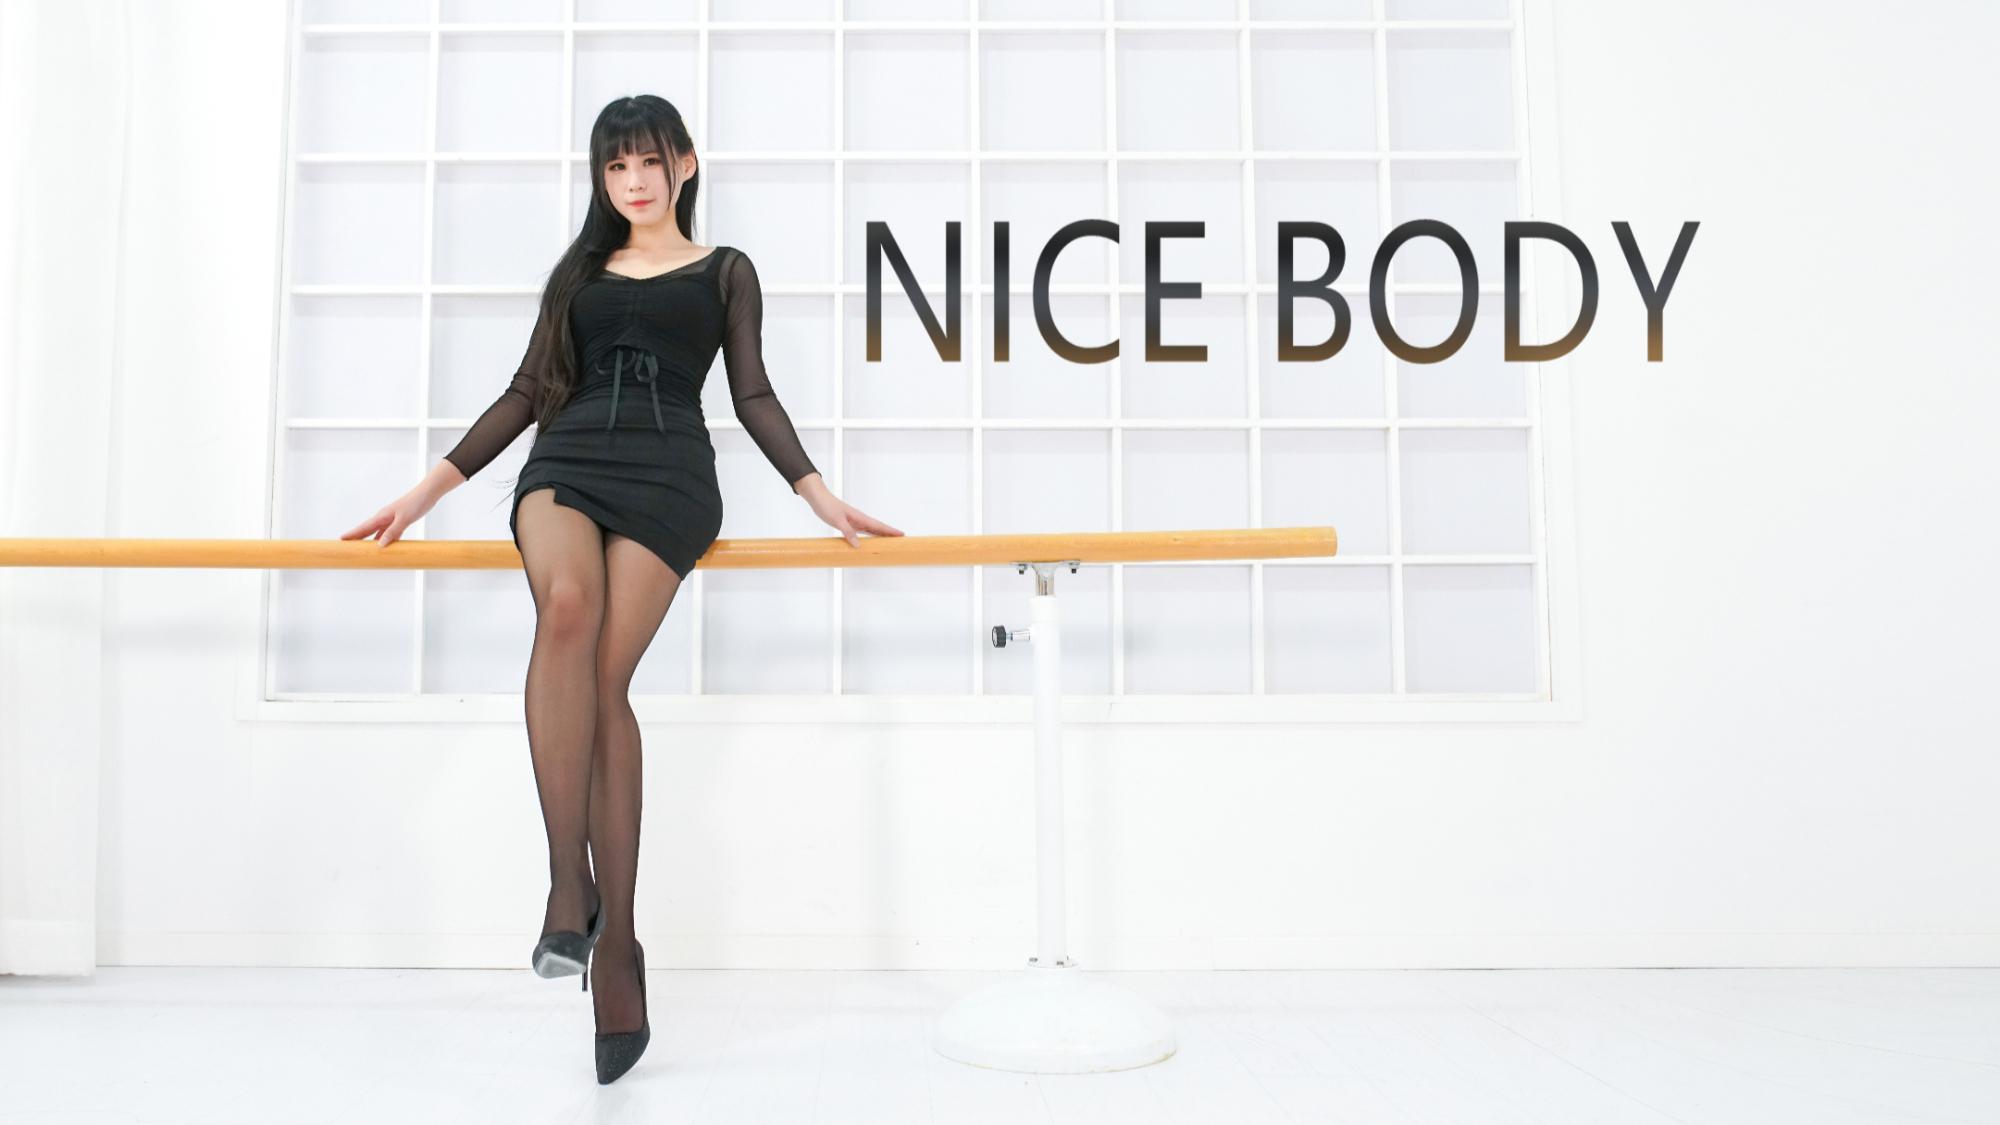 【安兜】Nice Body️竖屏版 细高跟初尝试 这样算绝好身材吗?